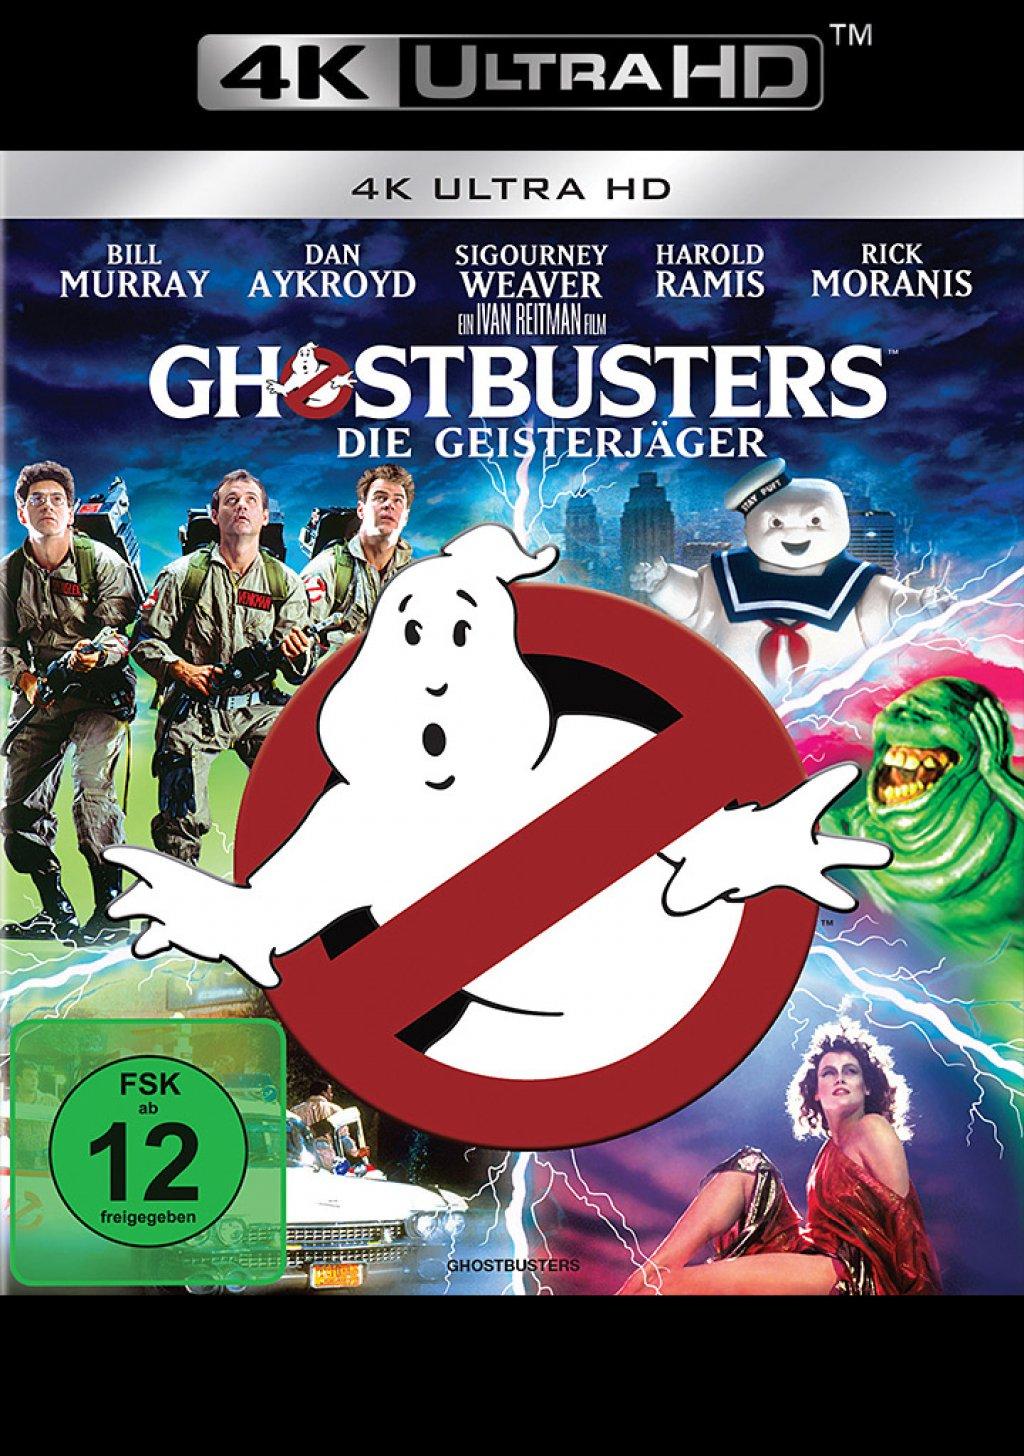 Ghostbusters - 4K Ultra HD Blu-ray (4K Ultra HD)